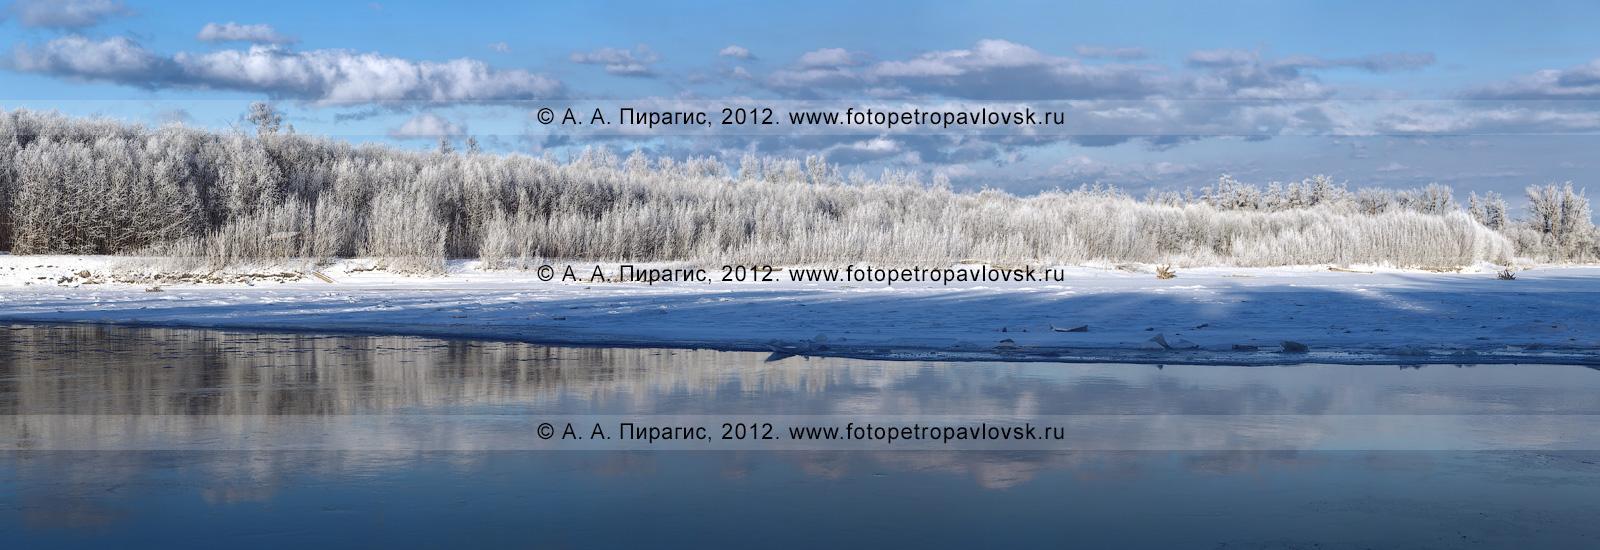 Фотография: живописный вид на реку Камчатку зимой